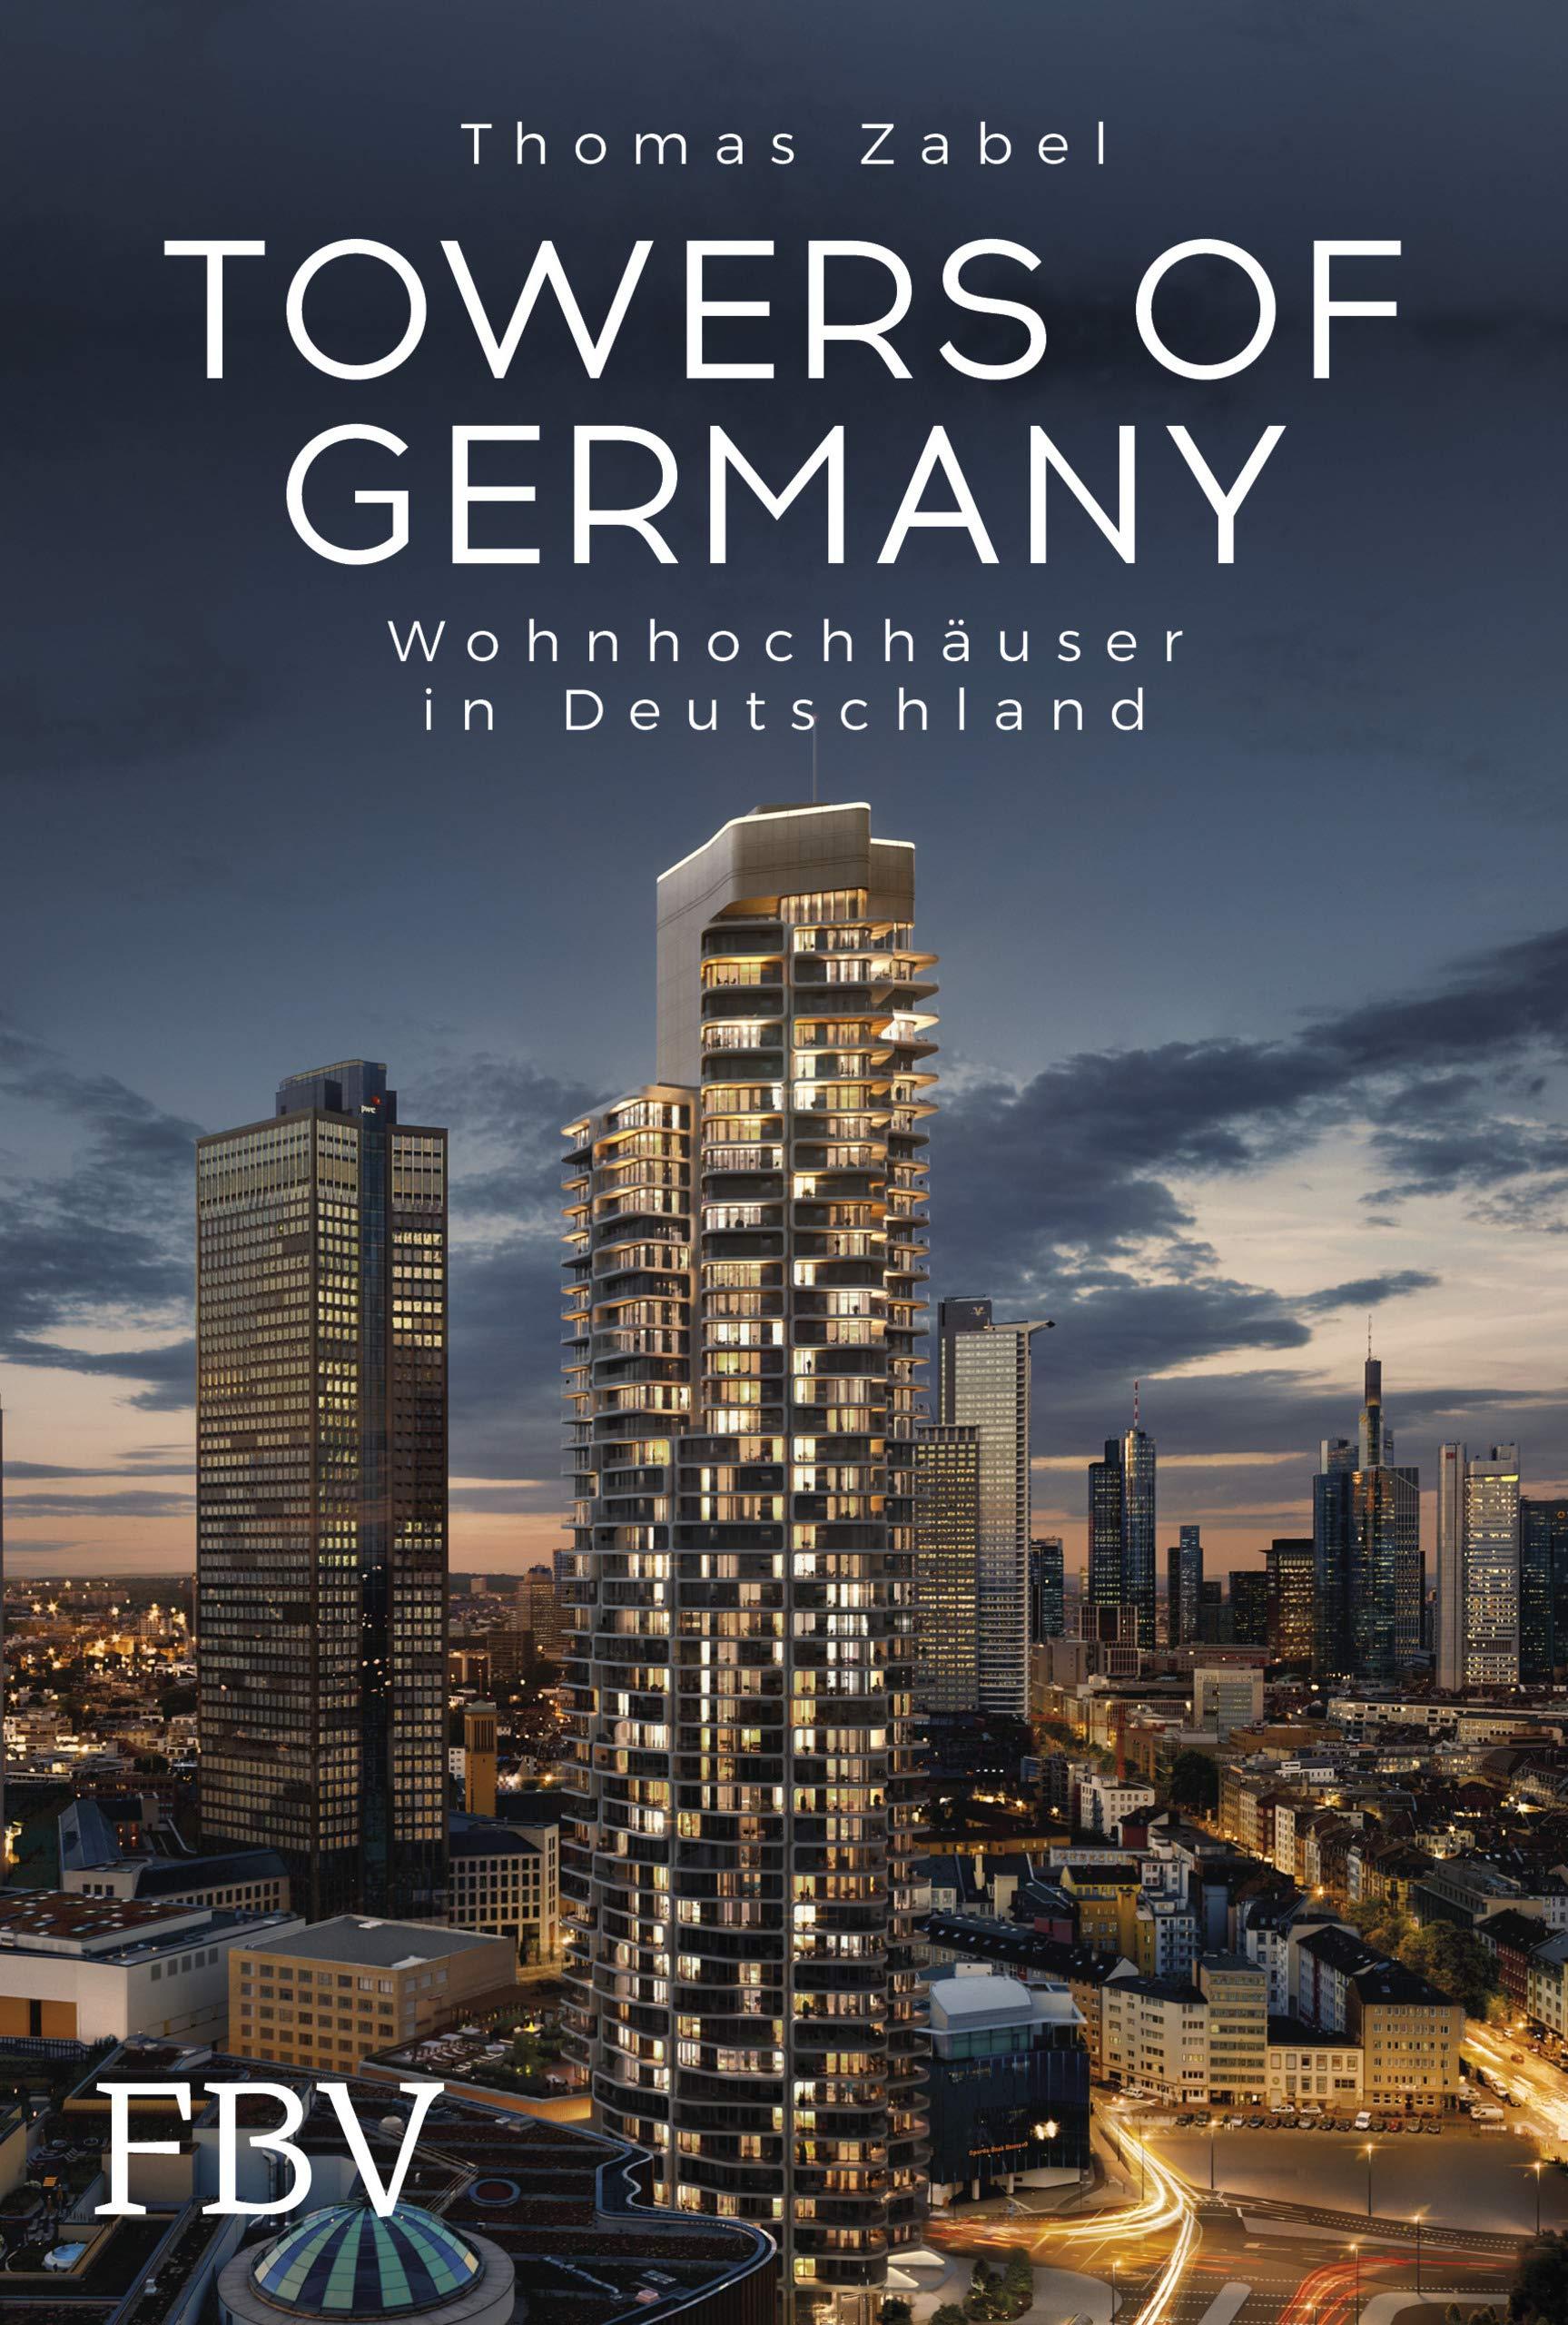 Die besten Bücher für Architekten: Towers of Germany: Wohnhochhäuser in Deutschland